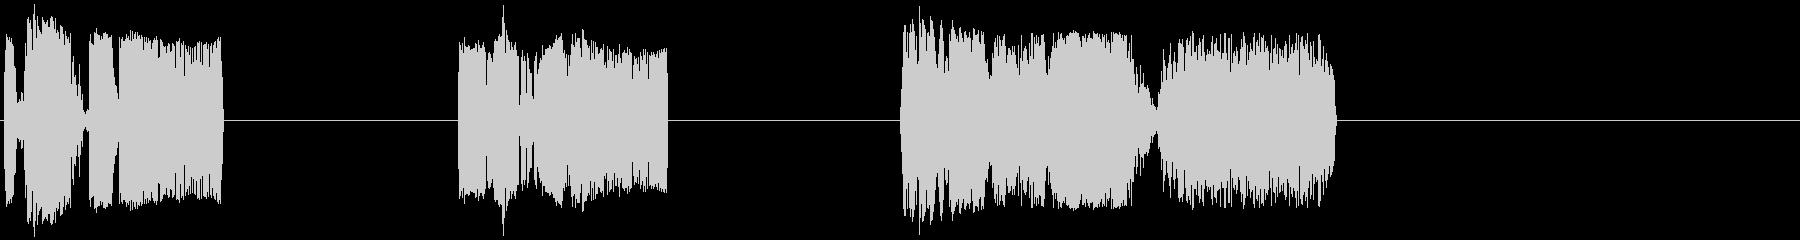 DJコンピューターバーンアウトX3の未再生の波形